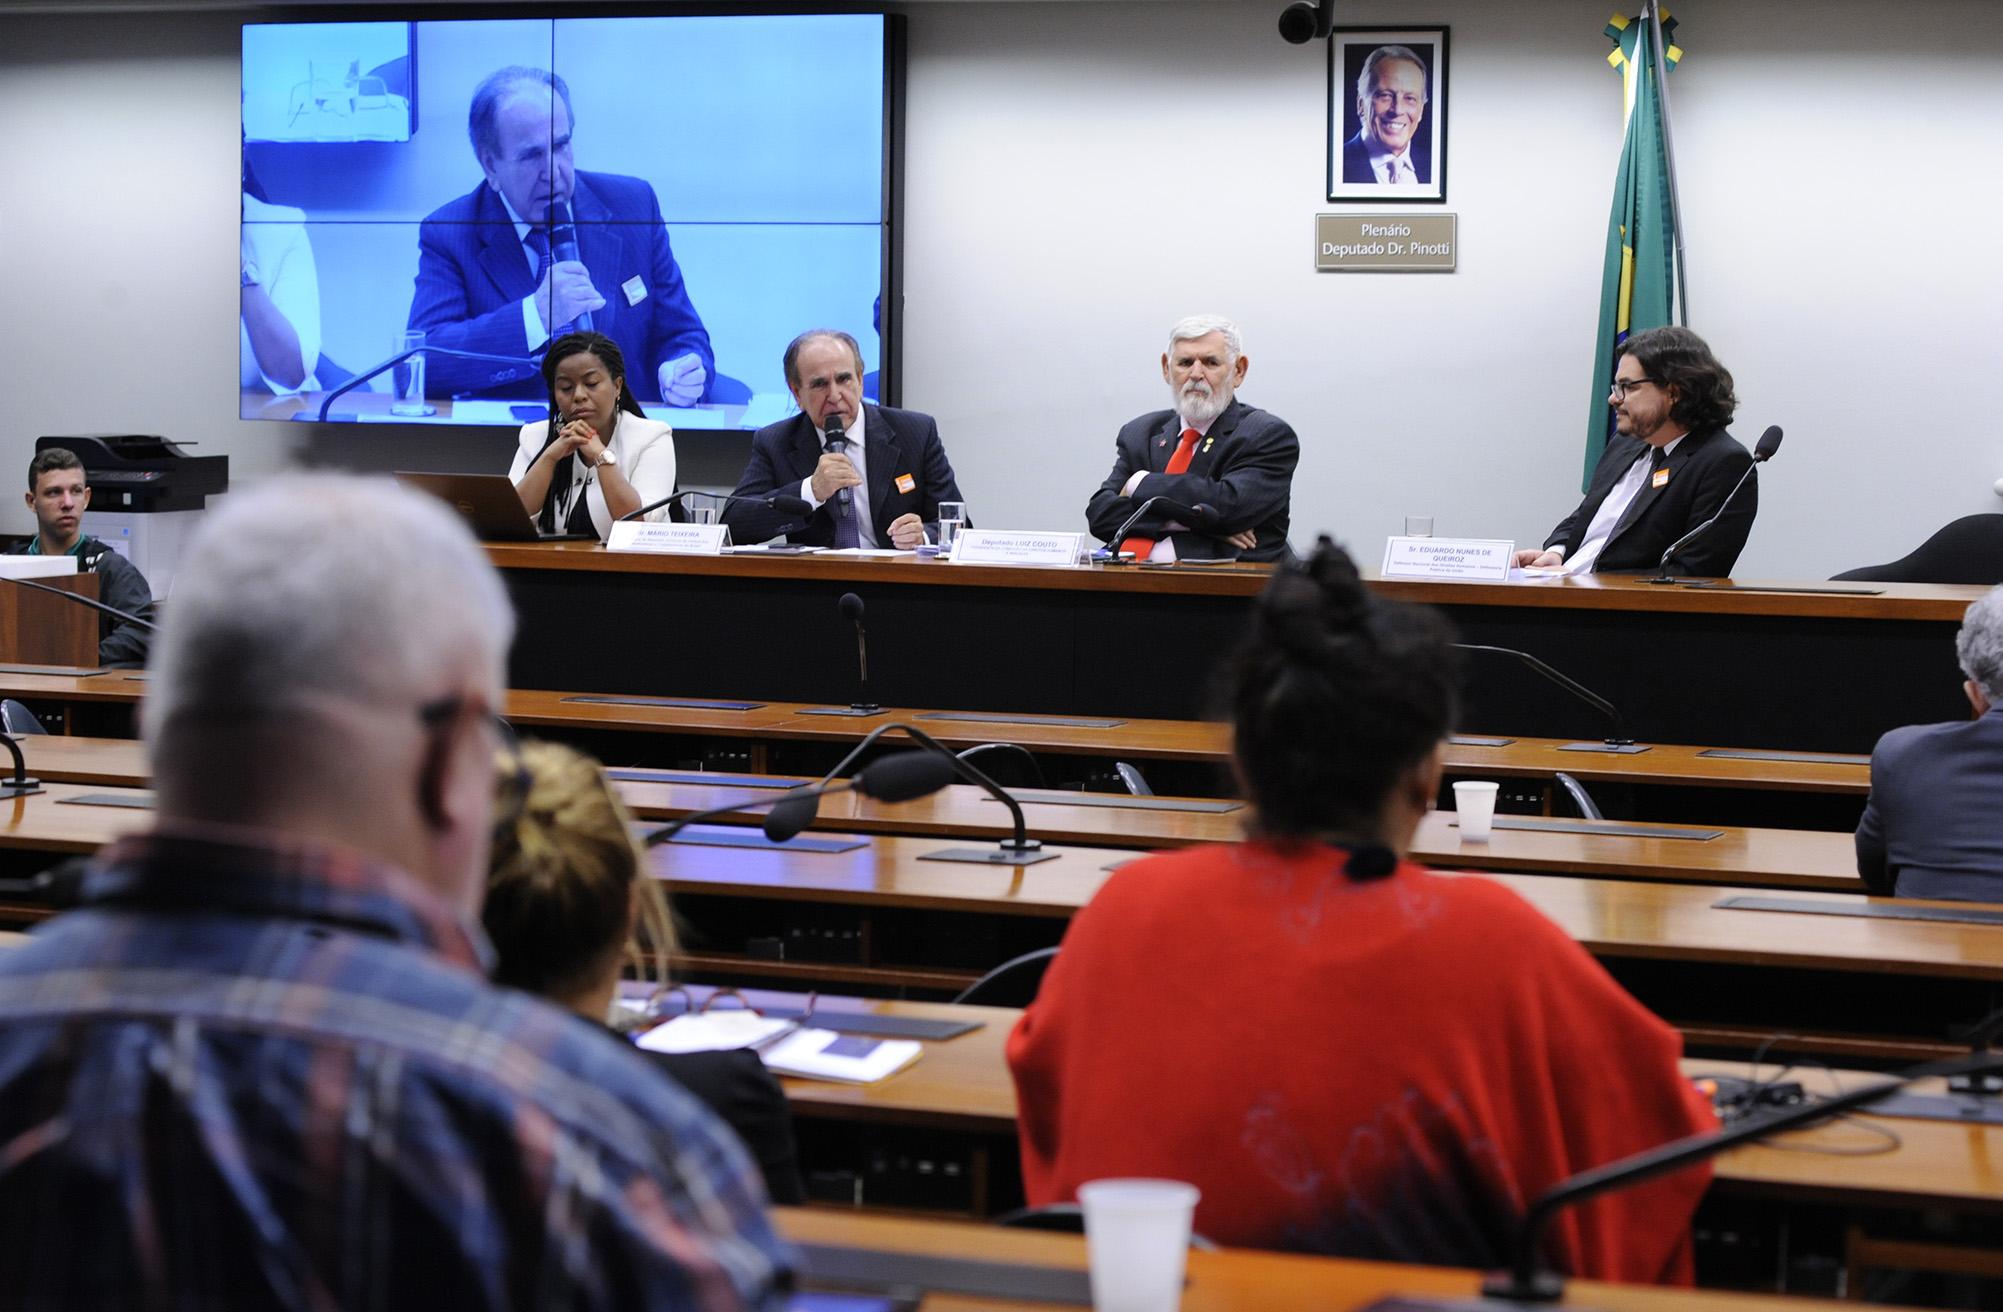 Audiência Pública sobre Direitos Humanos e Democracia - Perspectivas no atual contexto político e econômico.